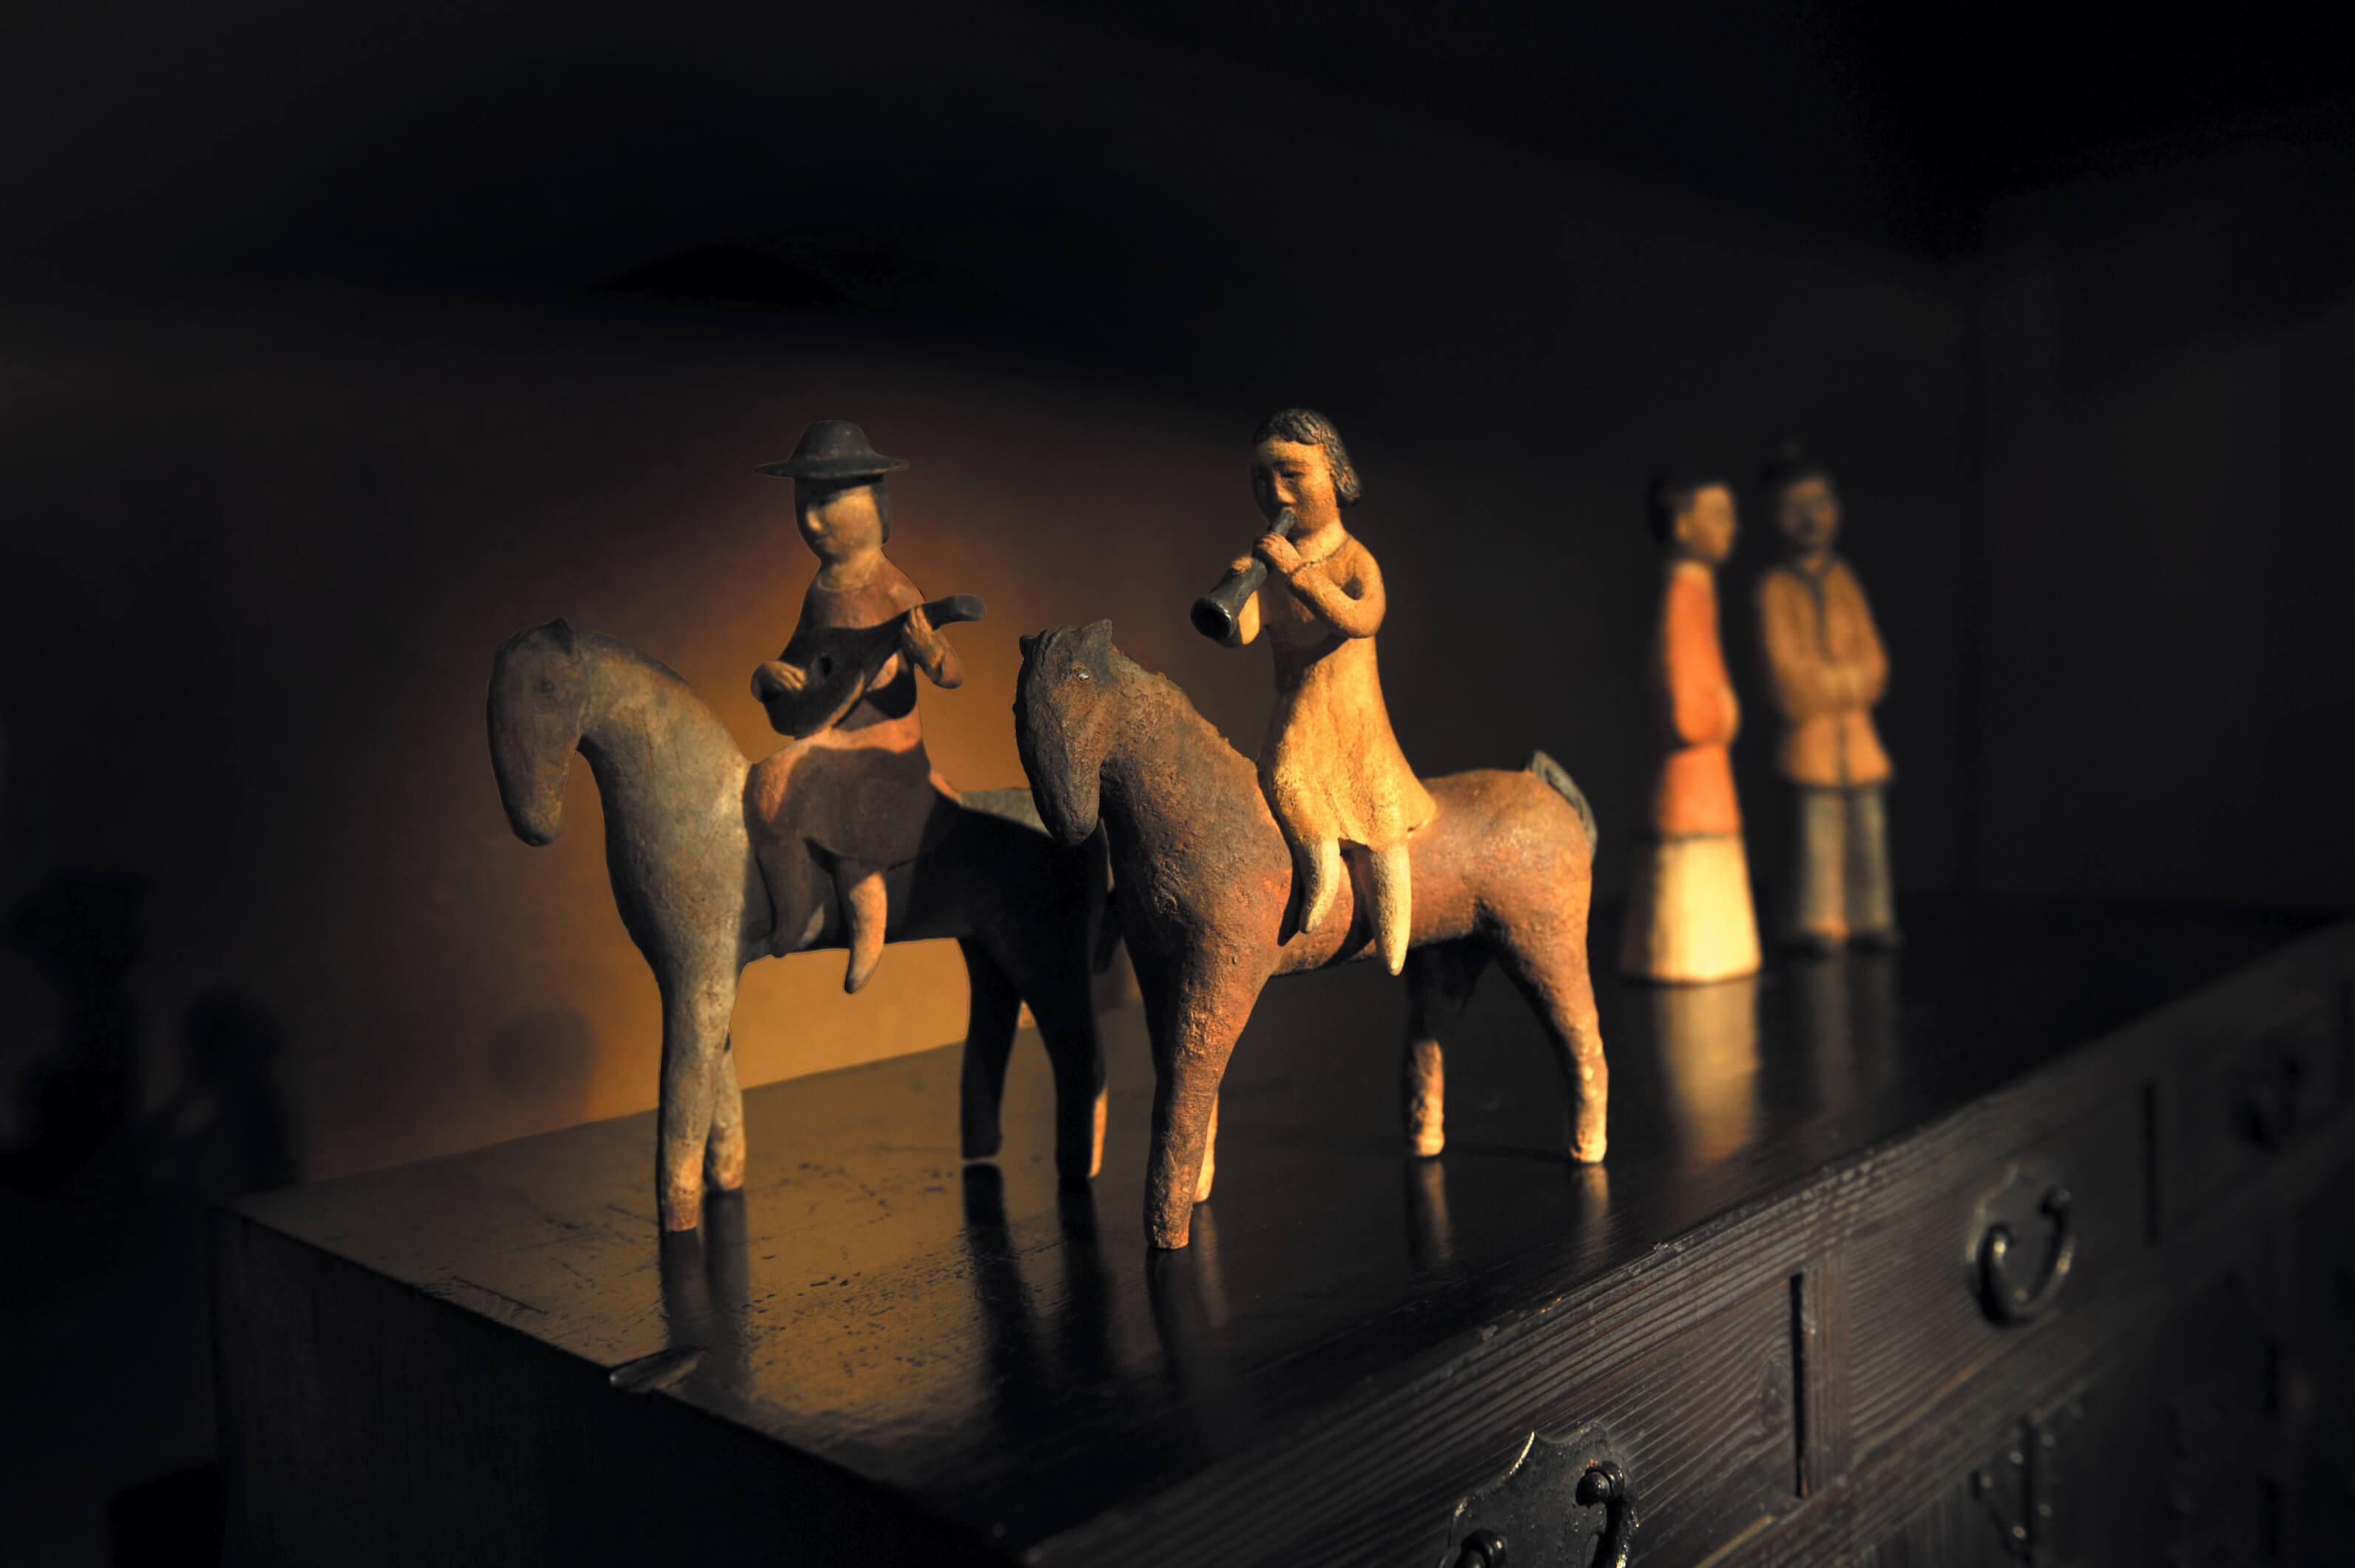 2009年10月30日から開催の「全 日根 陶展 李朝家具・小物…」の画像1